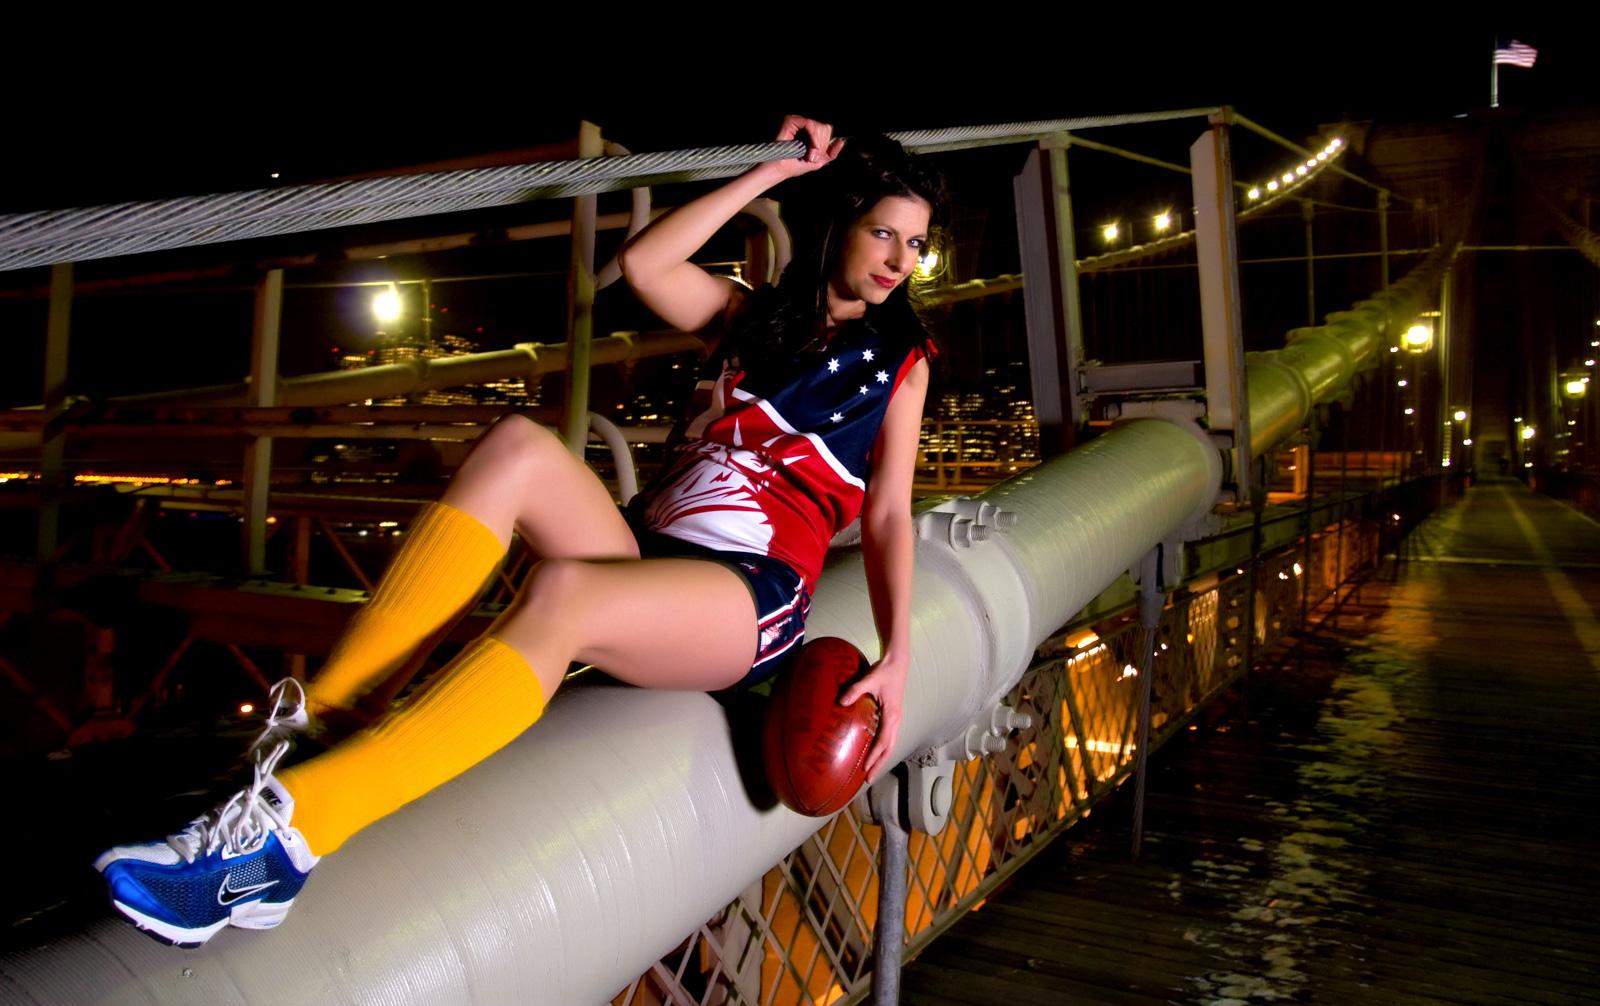 WomensAustralianLeagueFooty-64221.jpg